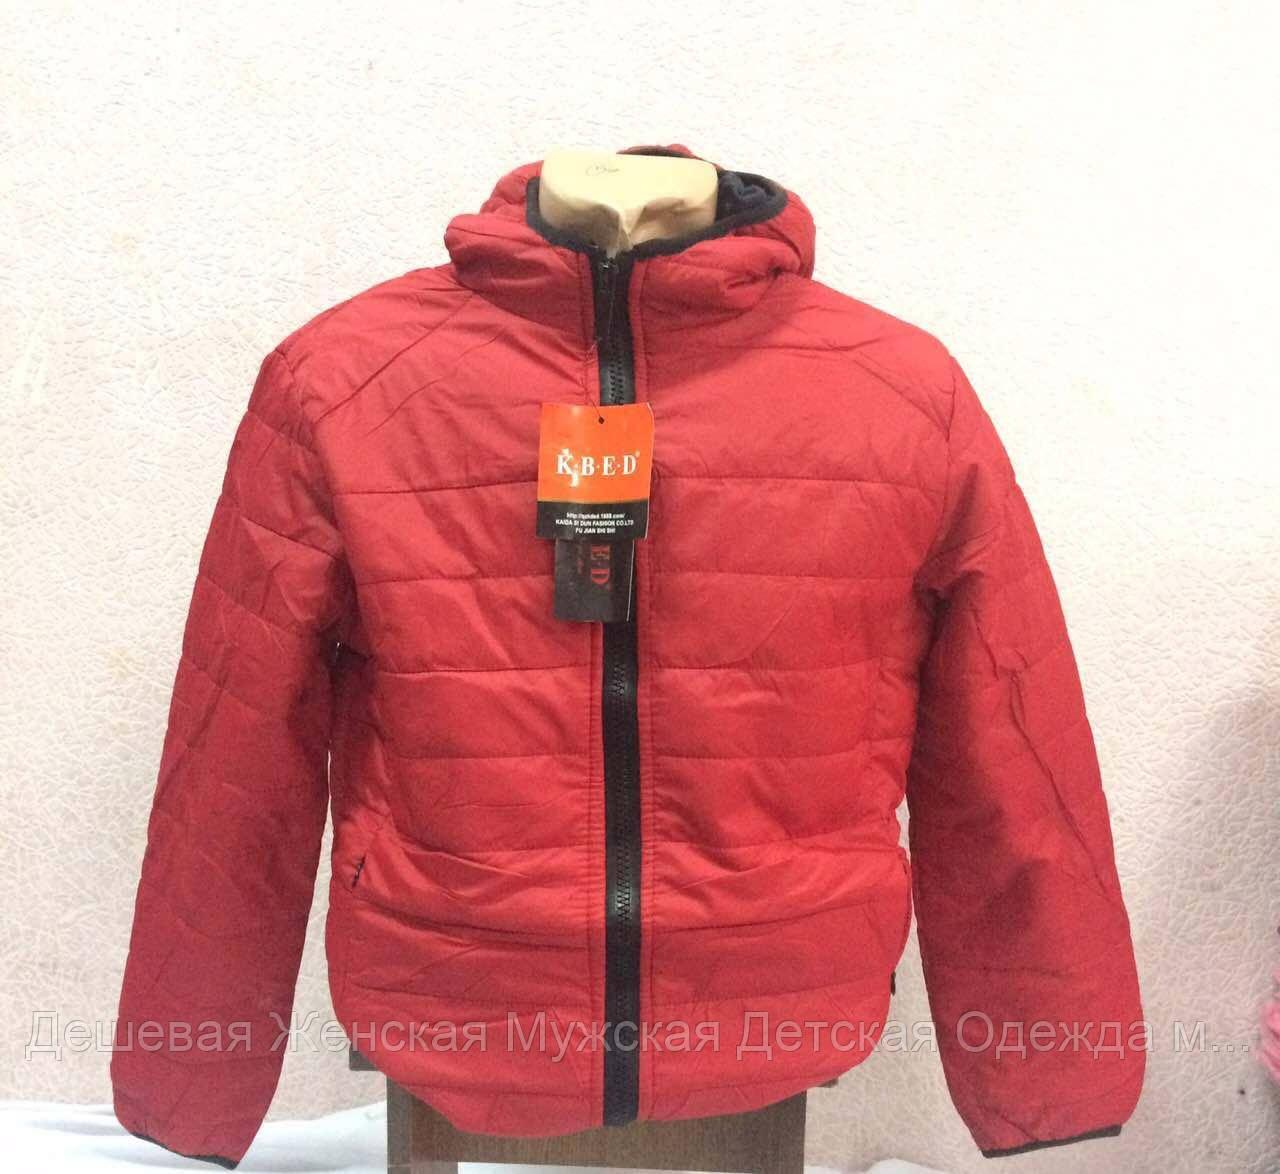 Чоловіча куртка осінь оптом